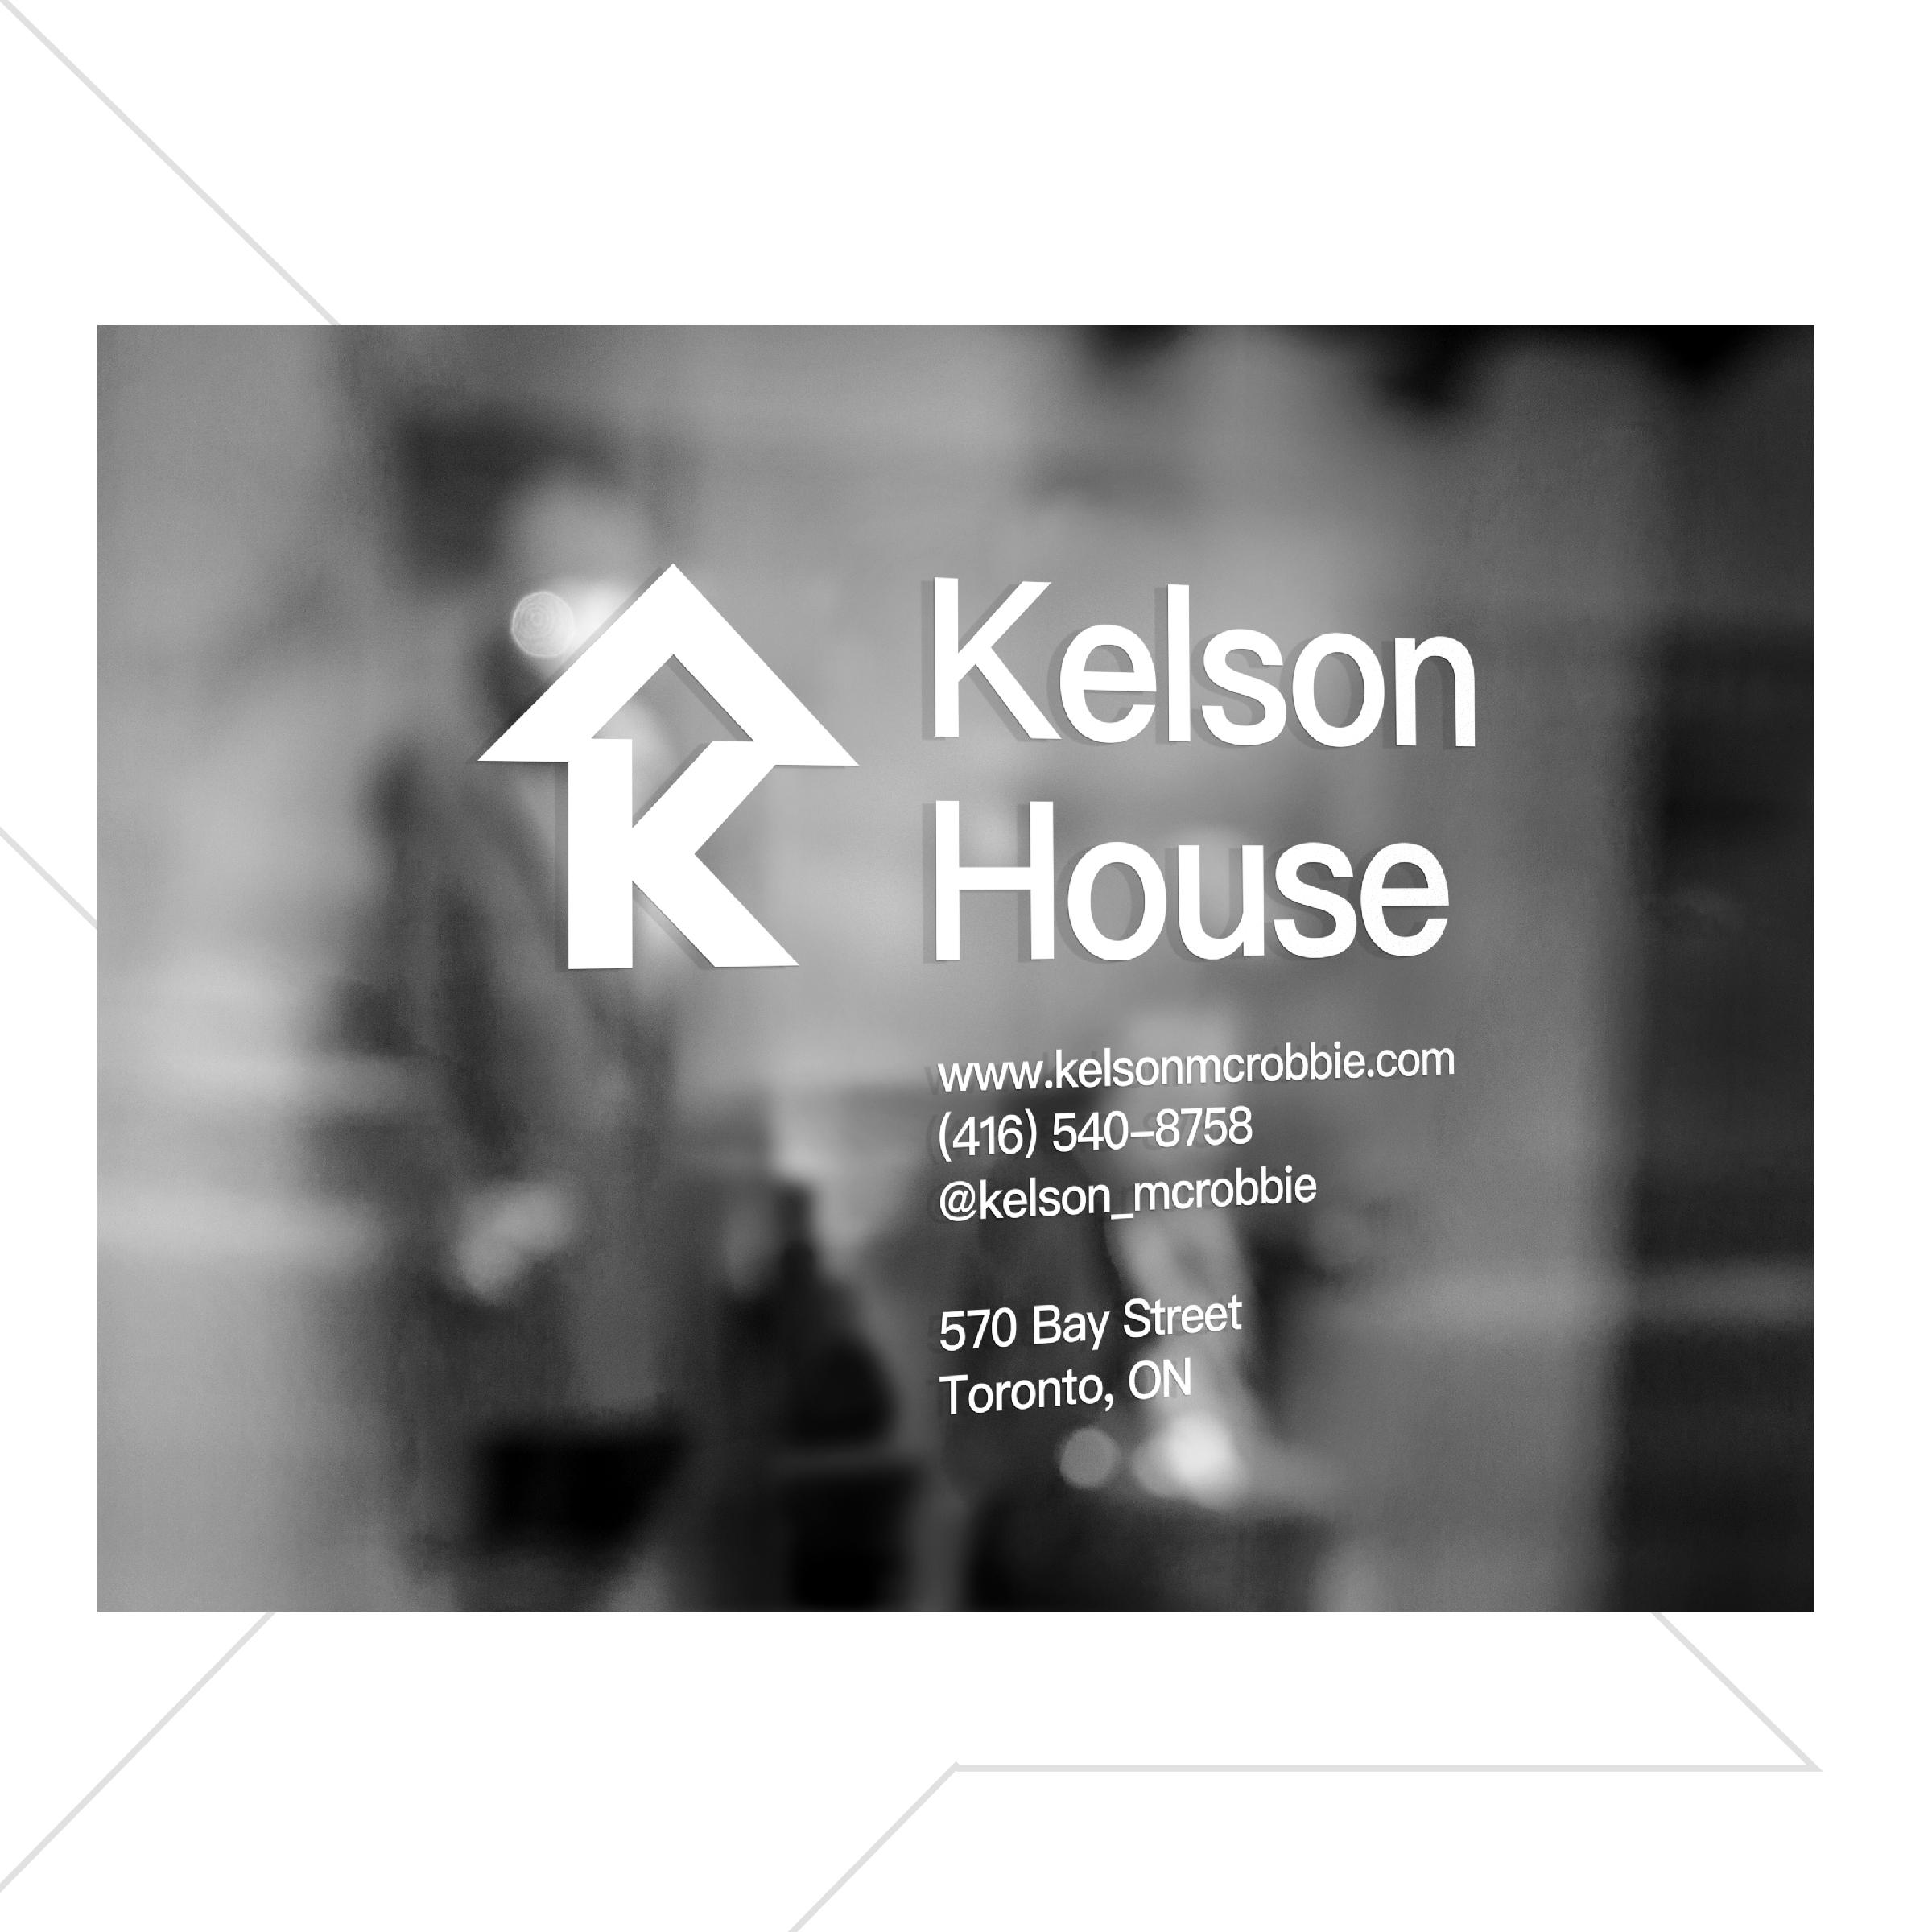 KelsonHouse_BrandBook-11